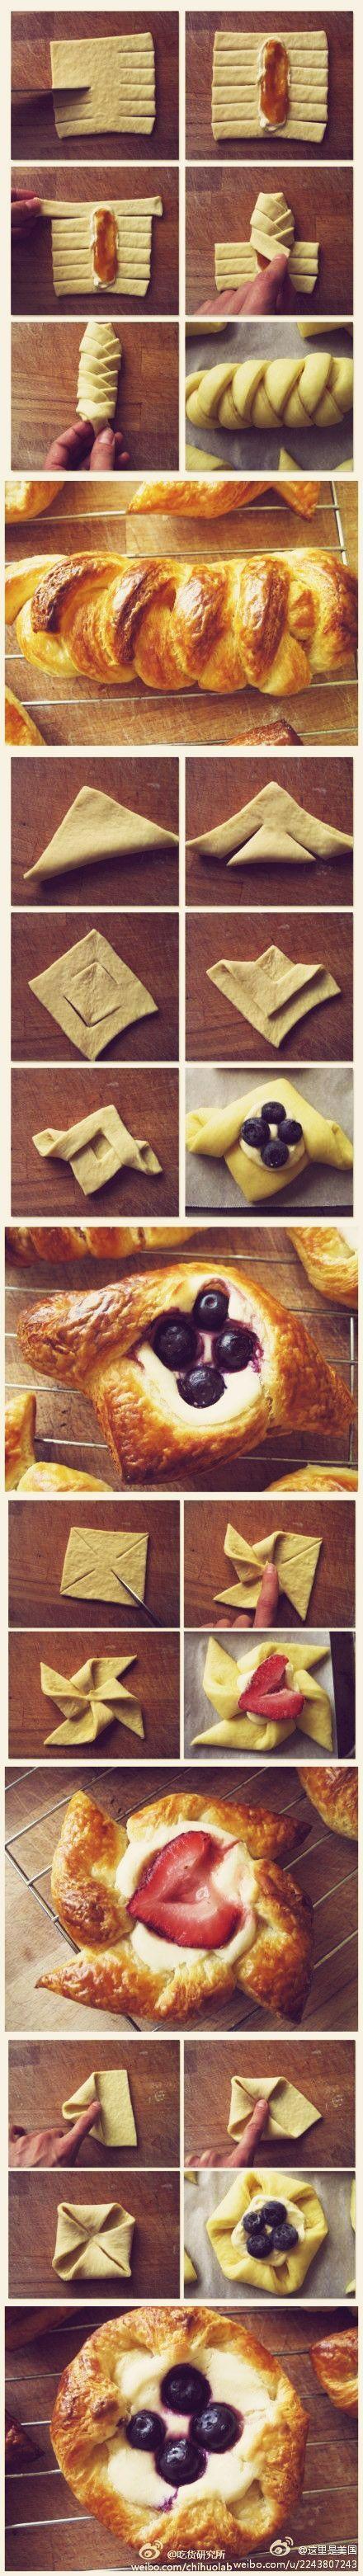 funny food - lustiges essen für gross und klein creativ zubereitet: